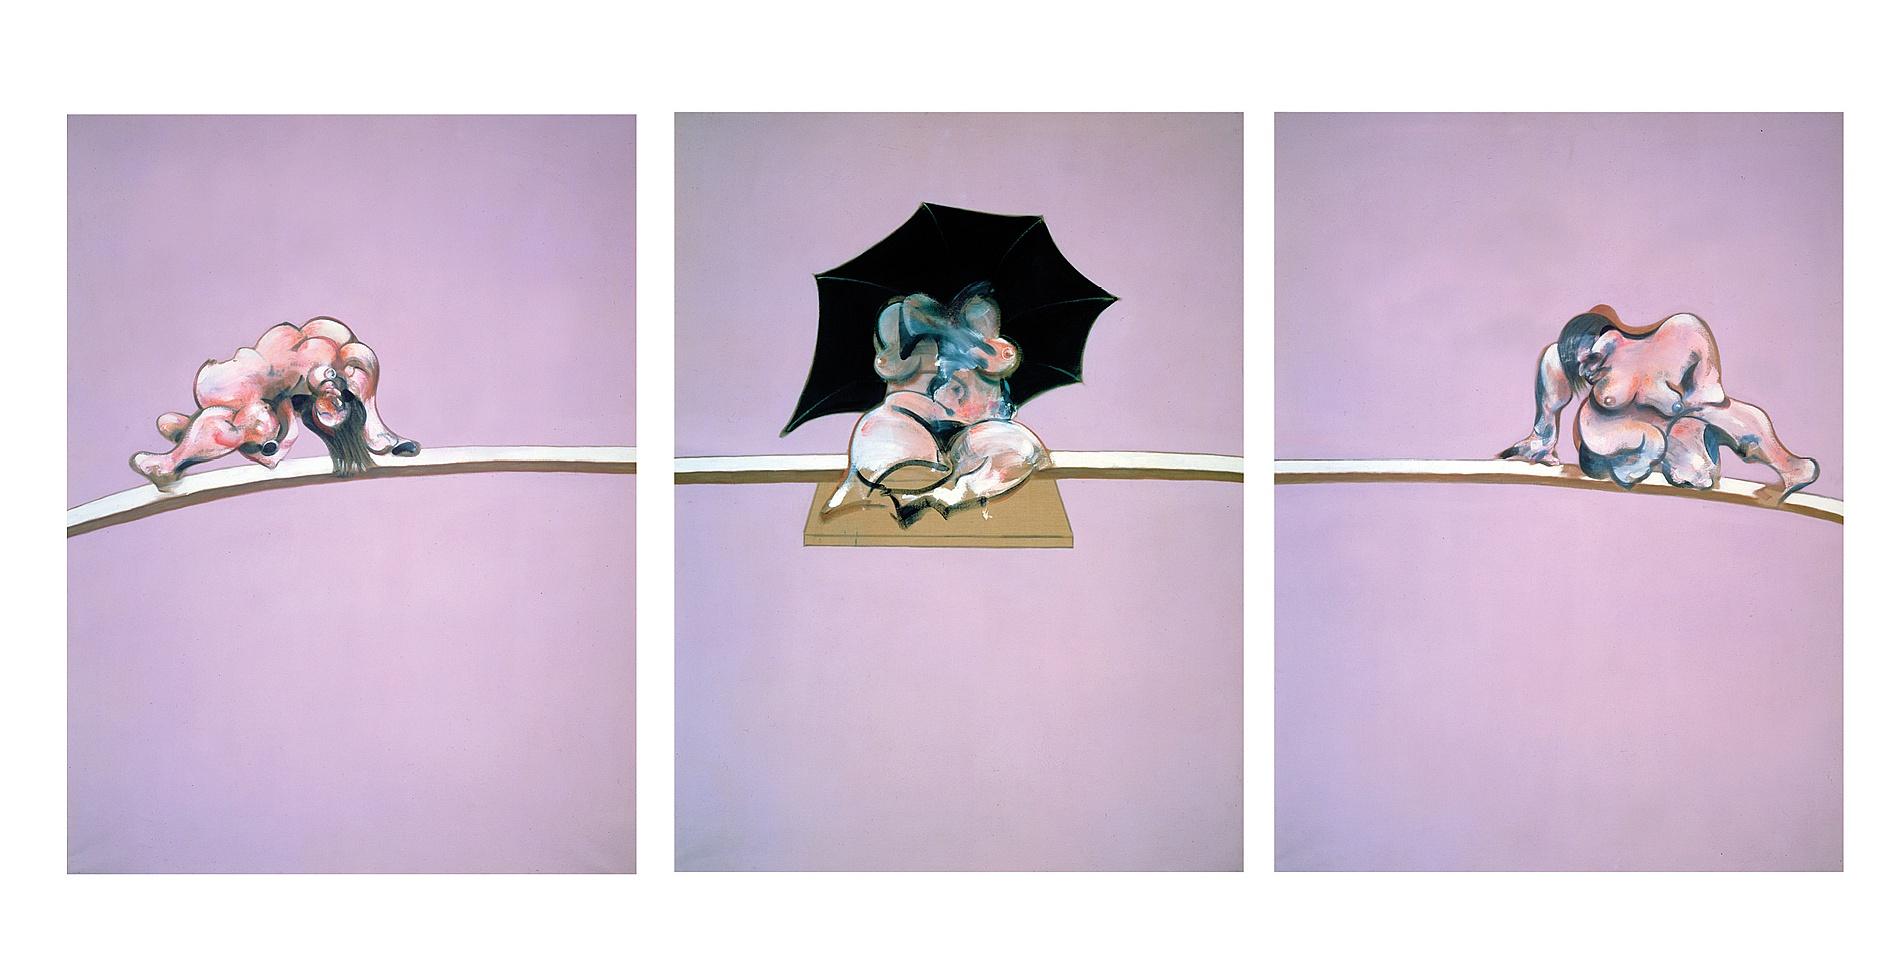 Ф. Бэкон. Триптих – этюды к человеческому телу. 1970. Масло на холсте, каждая панель: 197 x 147.8 см.